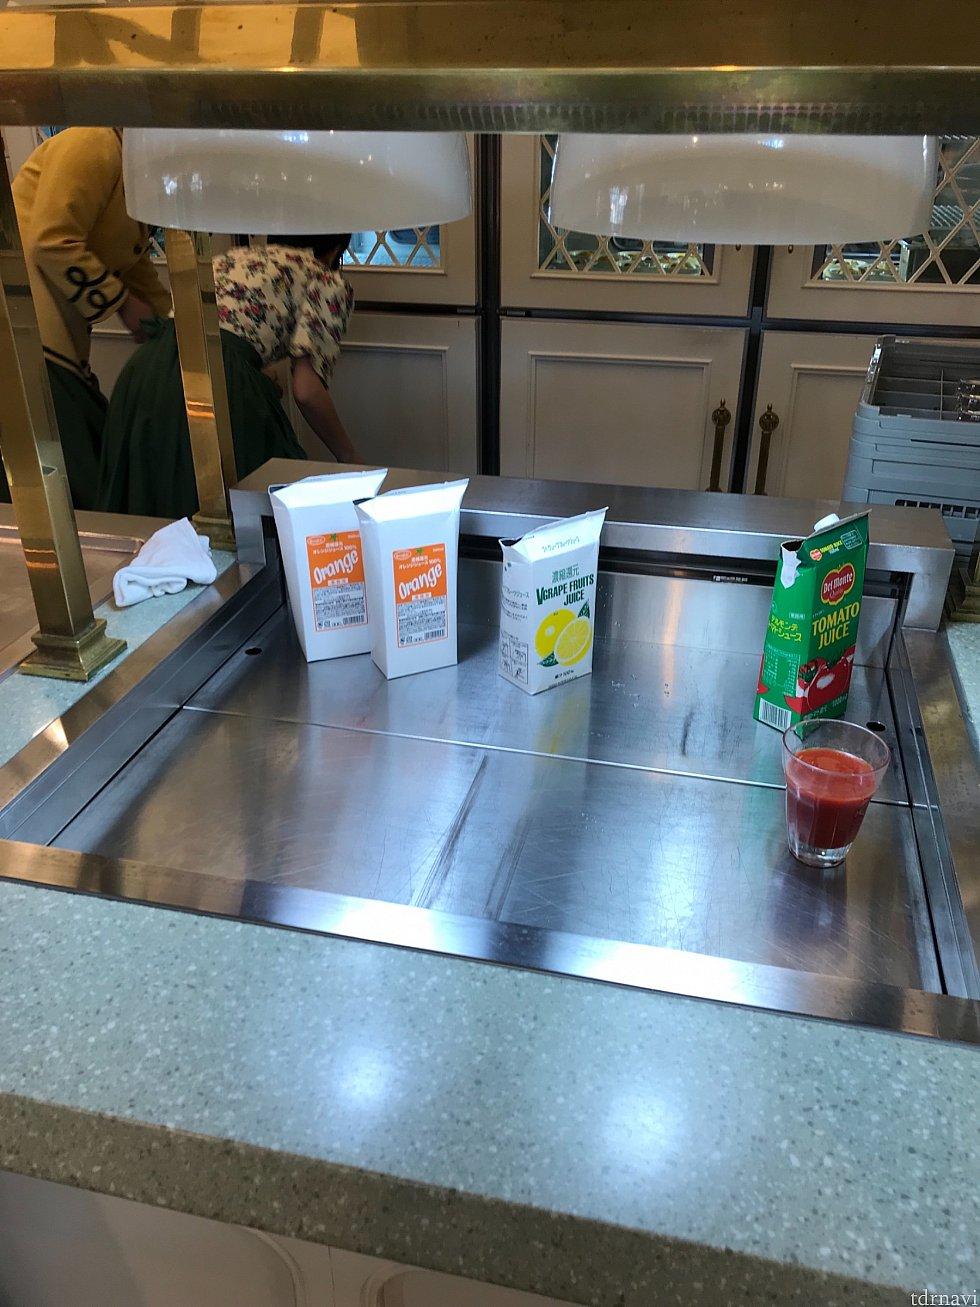 飲み物はオレンジジュース、グレープフルーツジュース、牛乳、トマトジュースから選びます💡別途、コーヒーか紅茶が飲み放題です😆